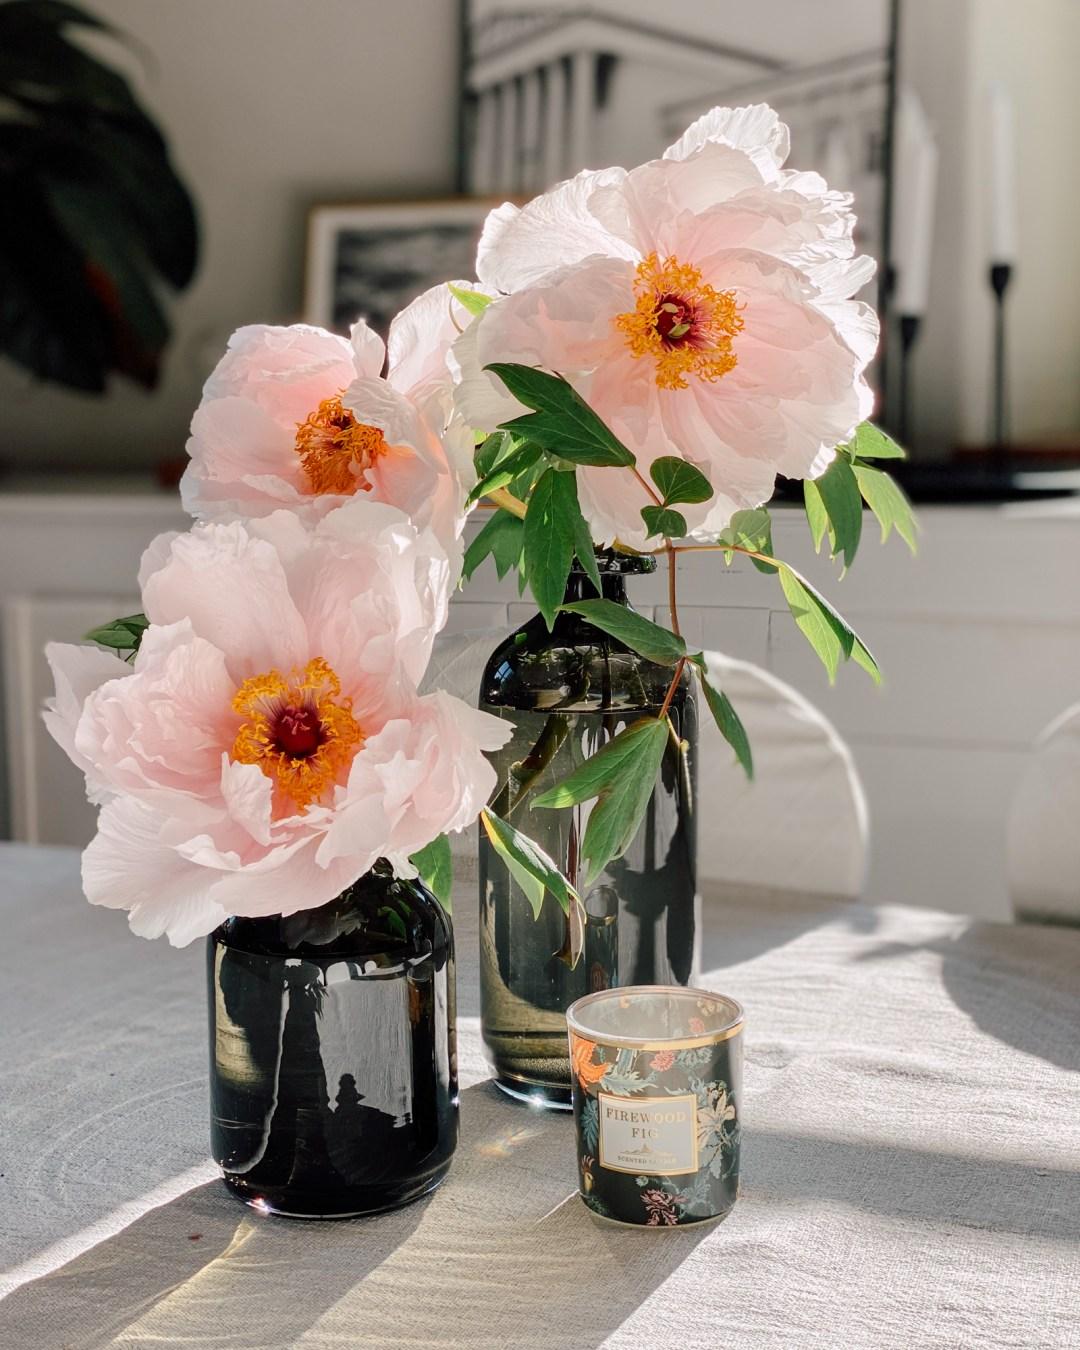 Inastil, Blumenliebe, Blumenstrauß, Dekoration, Blumendekoration, DIY, Gartenblumen, Rosen, Wiesenblumen, Blumenvasen, Homedecor, Dekoration Solebenwir, Daheim-15